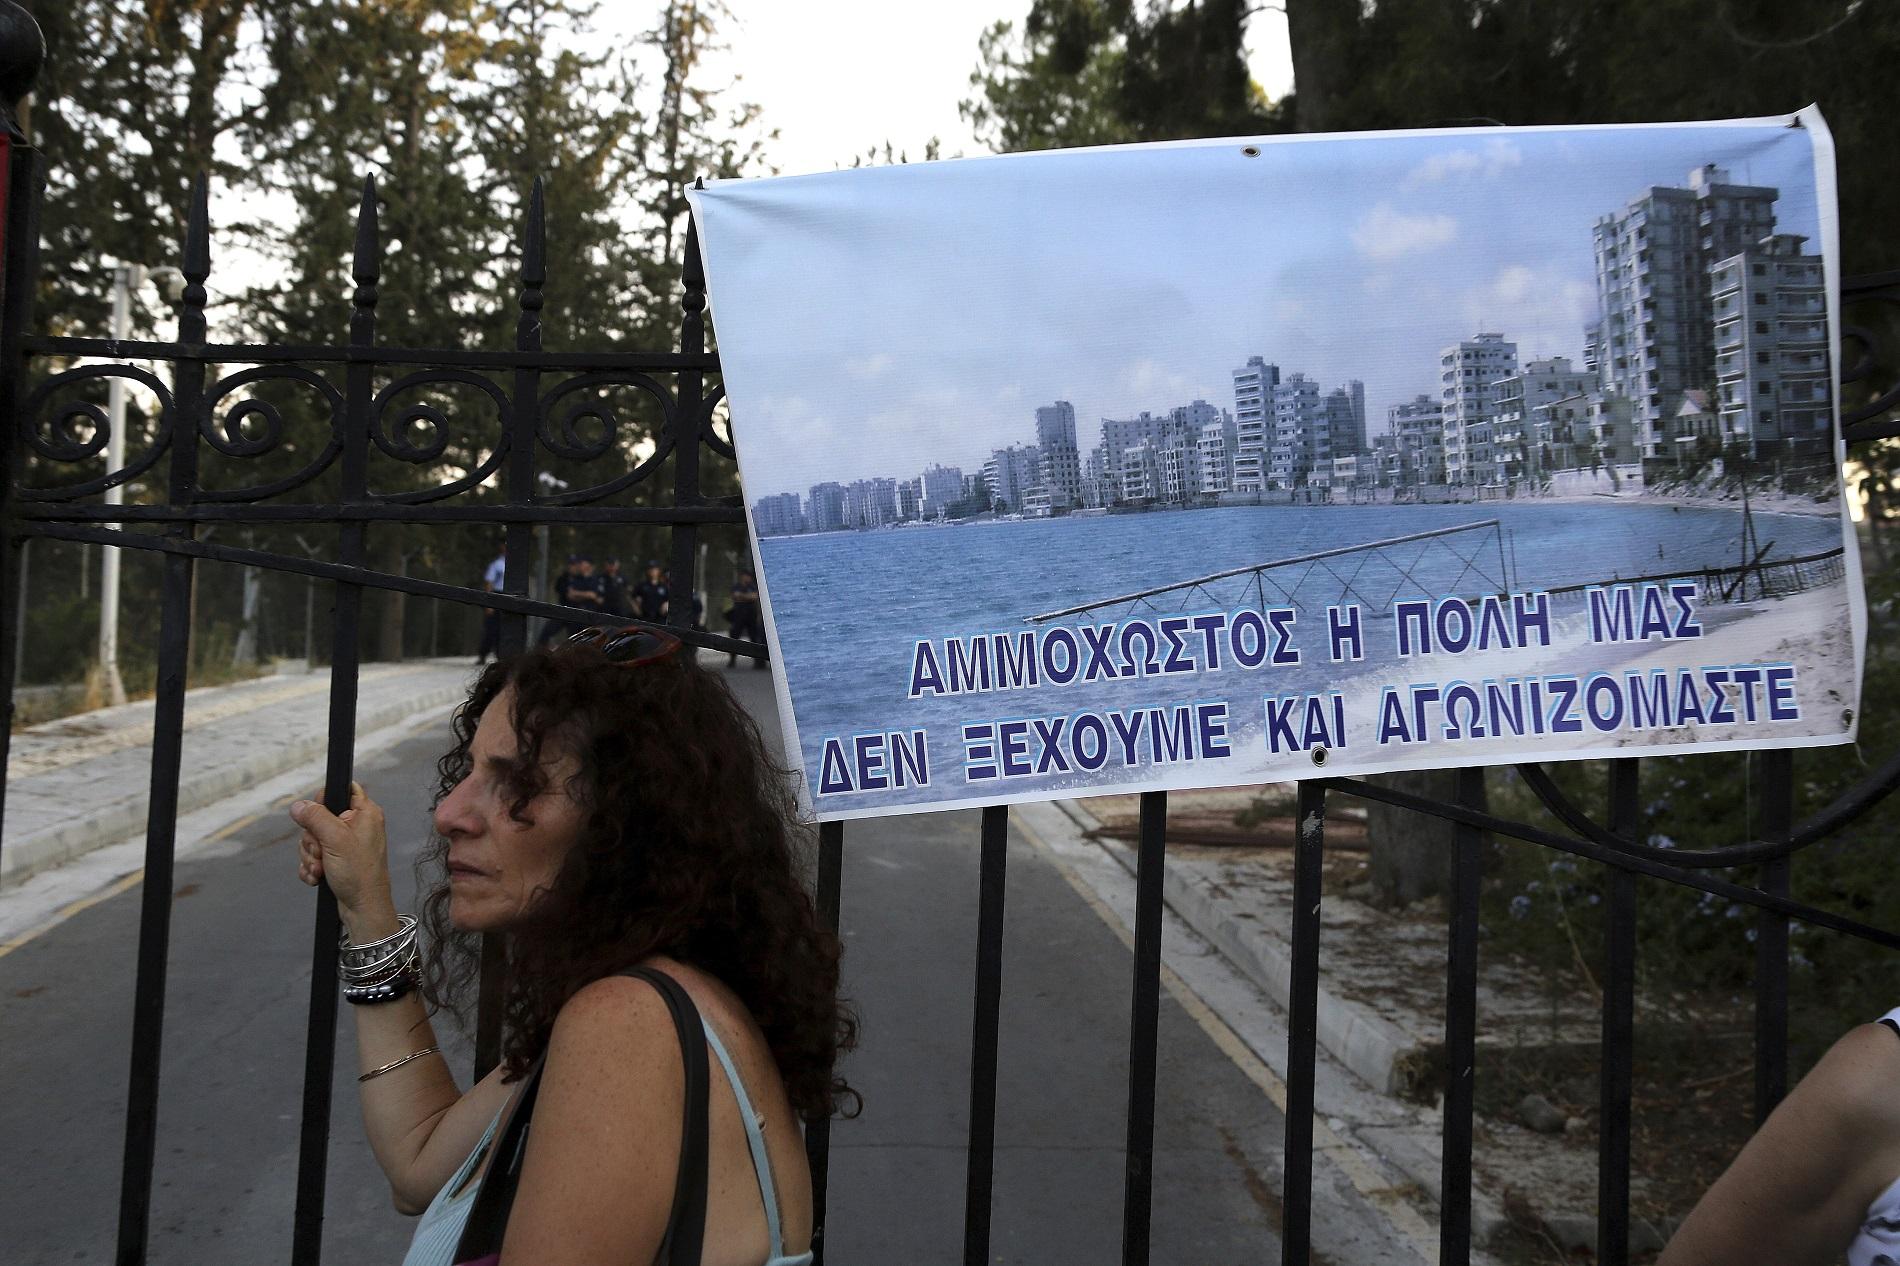 Διπλωματικός μαραθώνιος Αθήνας-Λευκωσίας για την τουρκική προκλητικότητα – Έκτακτη συνεδρίαση του Συμβουλίου Ασφαλείας